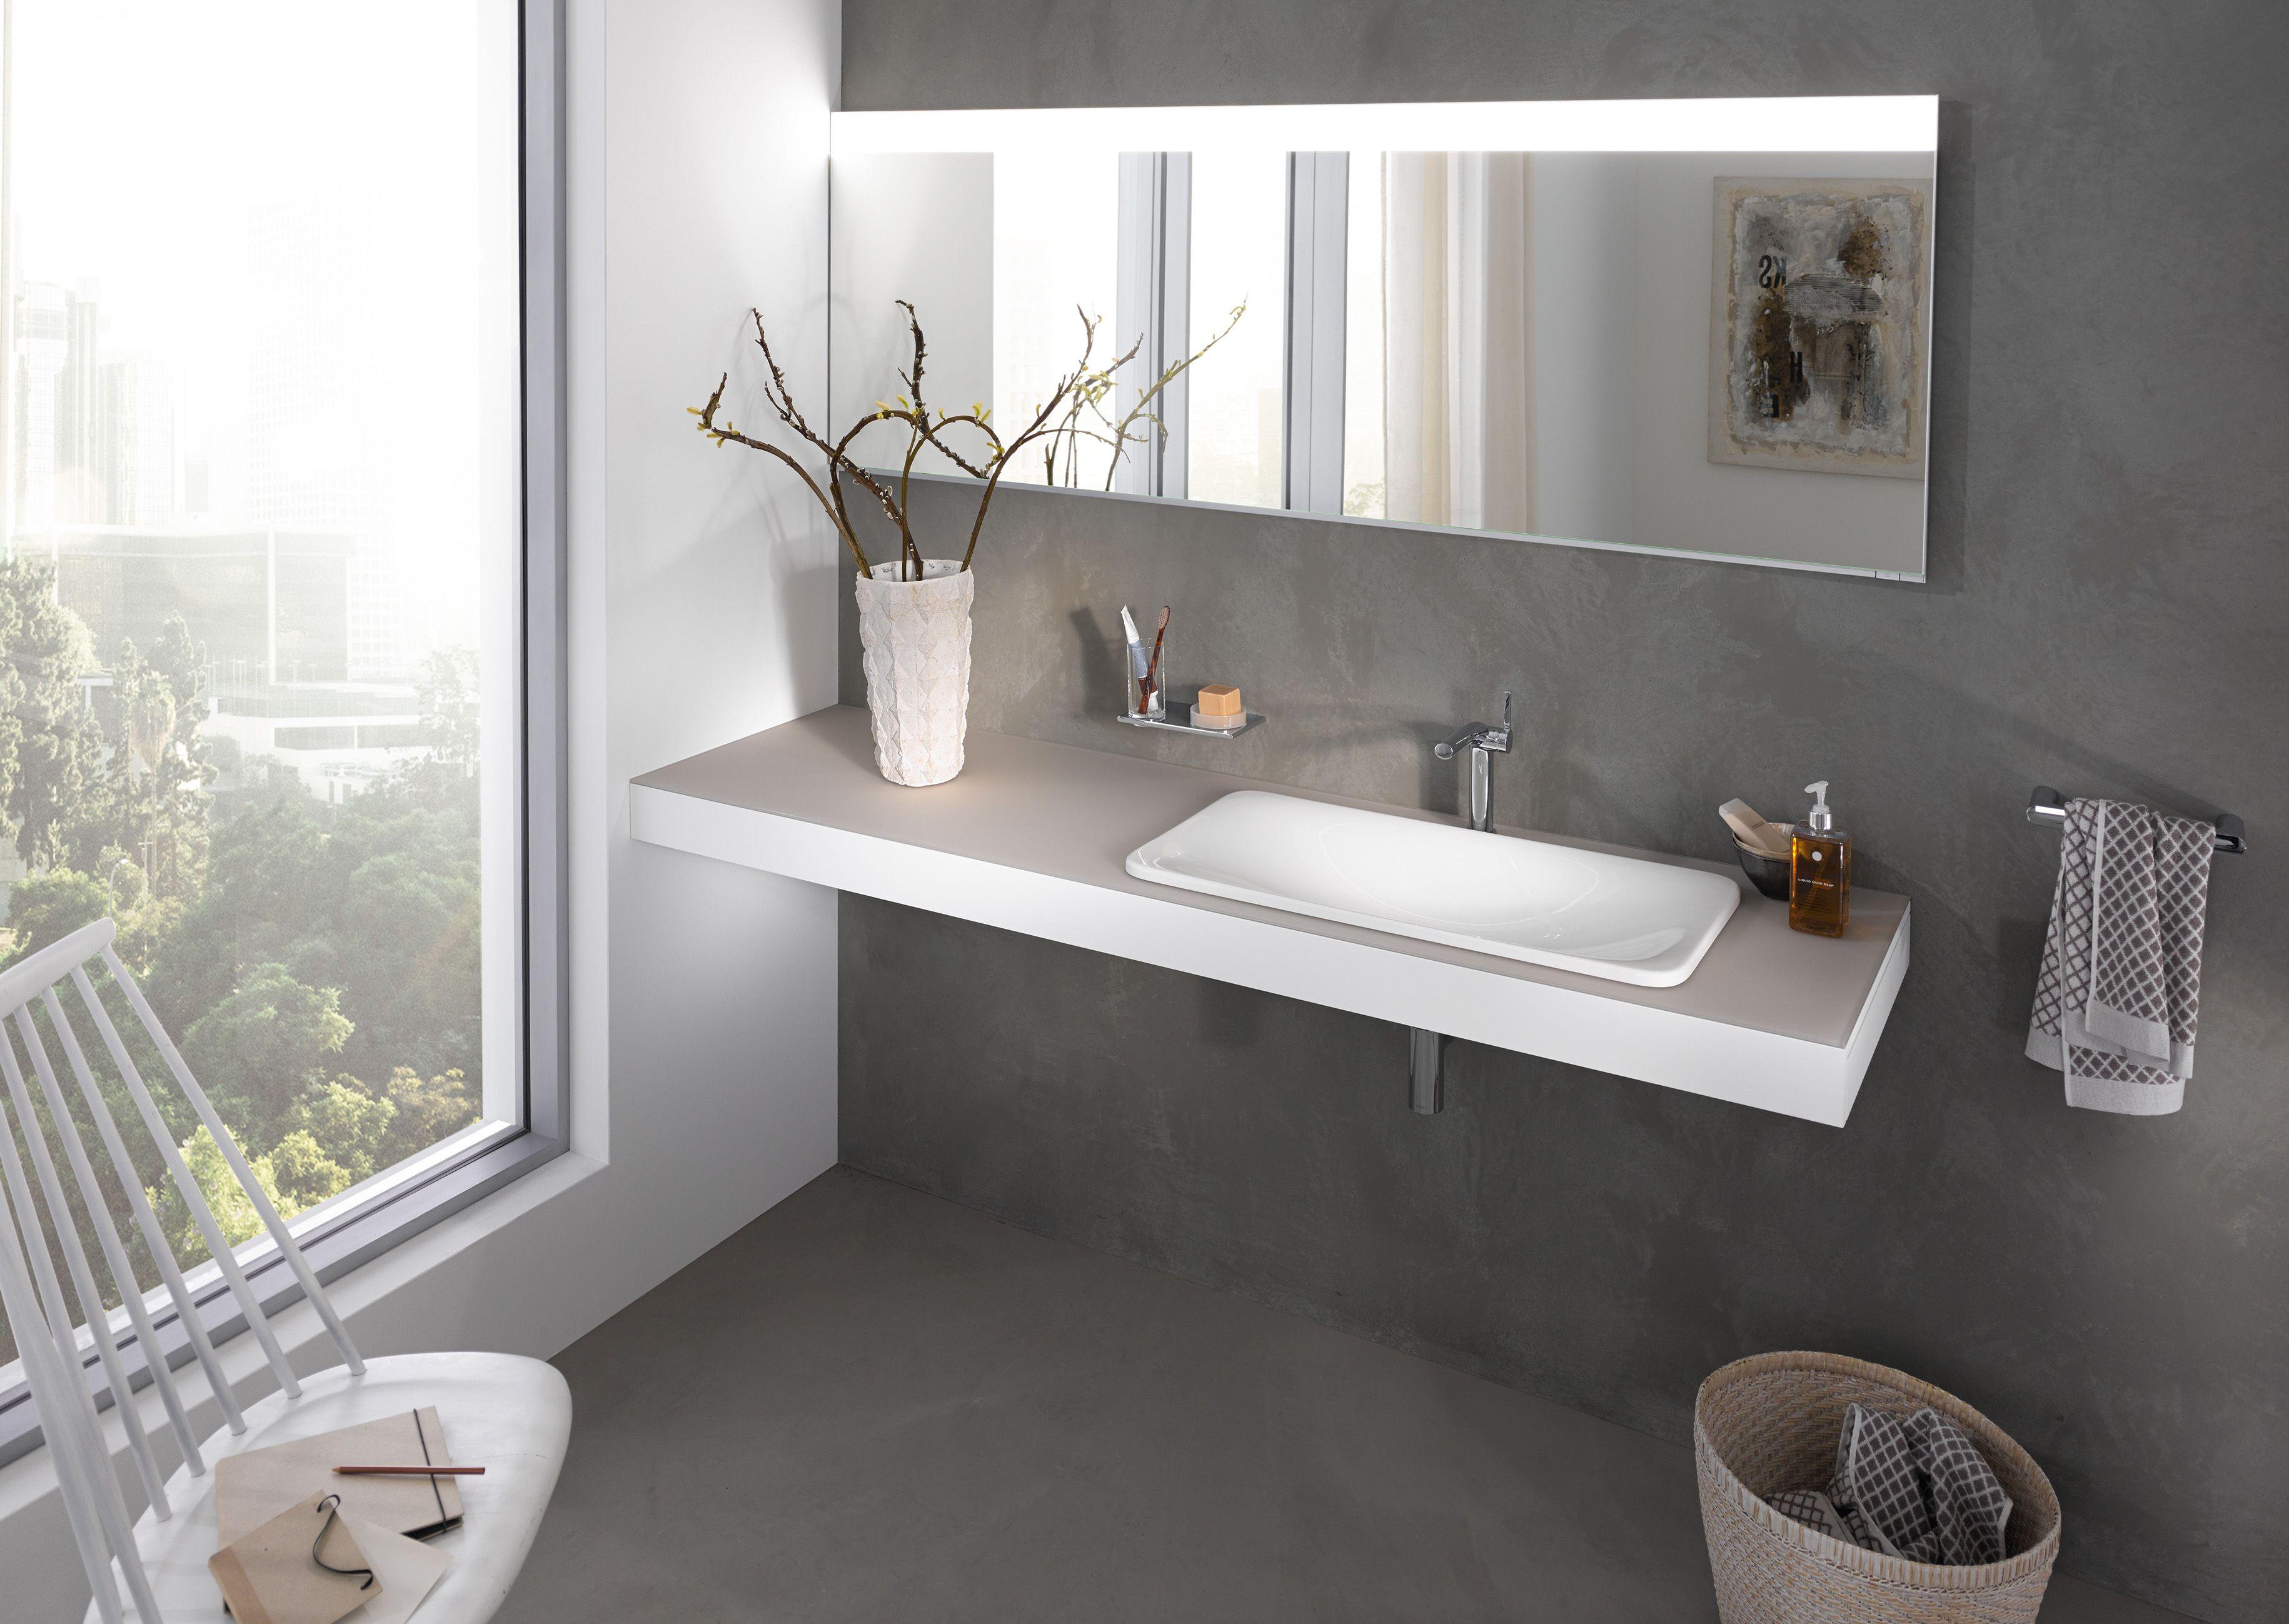 Edition 400 A Bathroom Concept That Allows You To Create A Dream Room The Way You Like It At The Heart Of E Diseno De Interiores Interiores Disenos De Unas